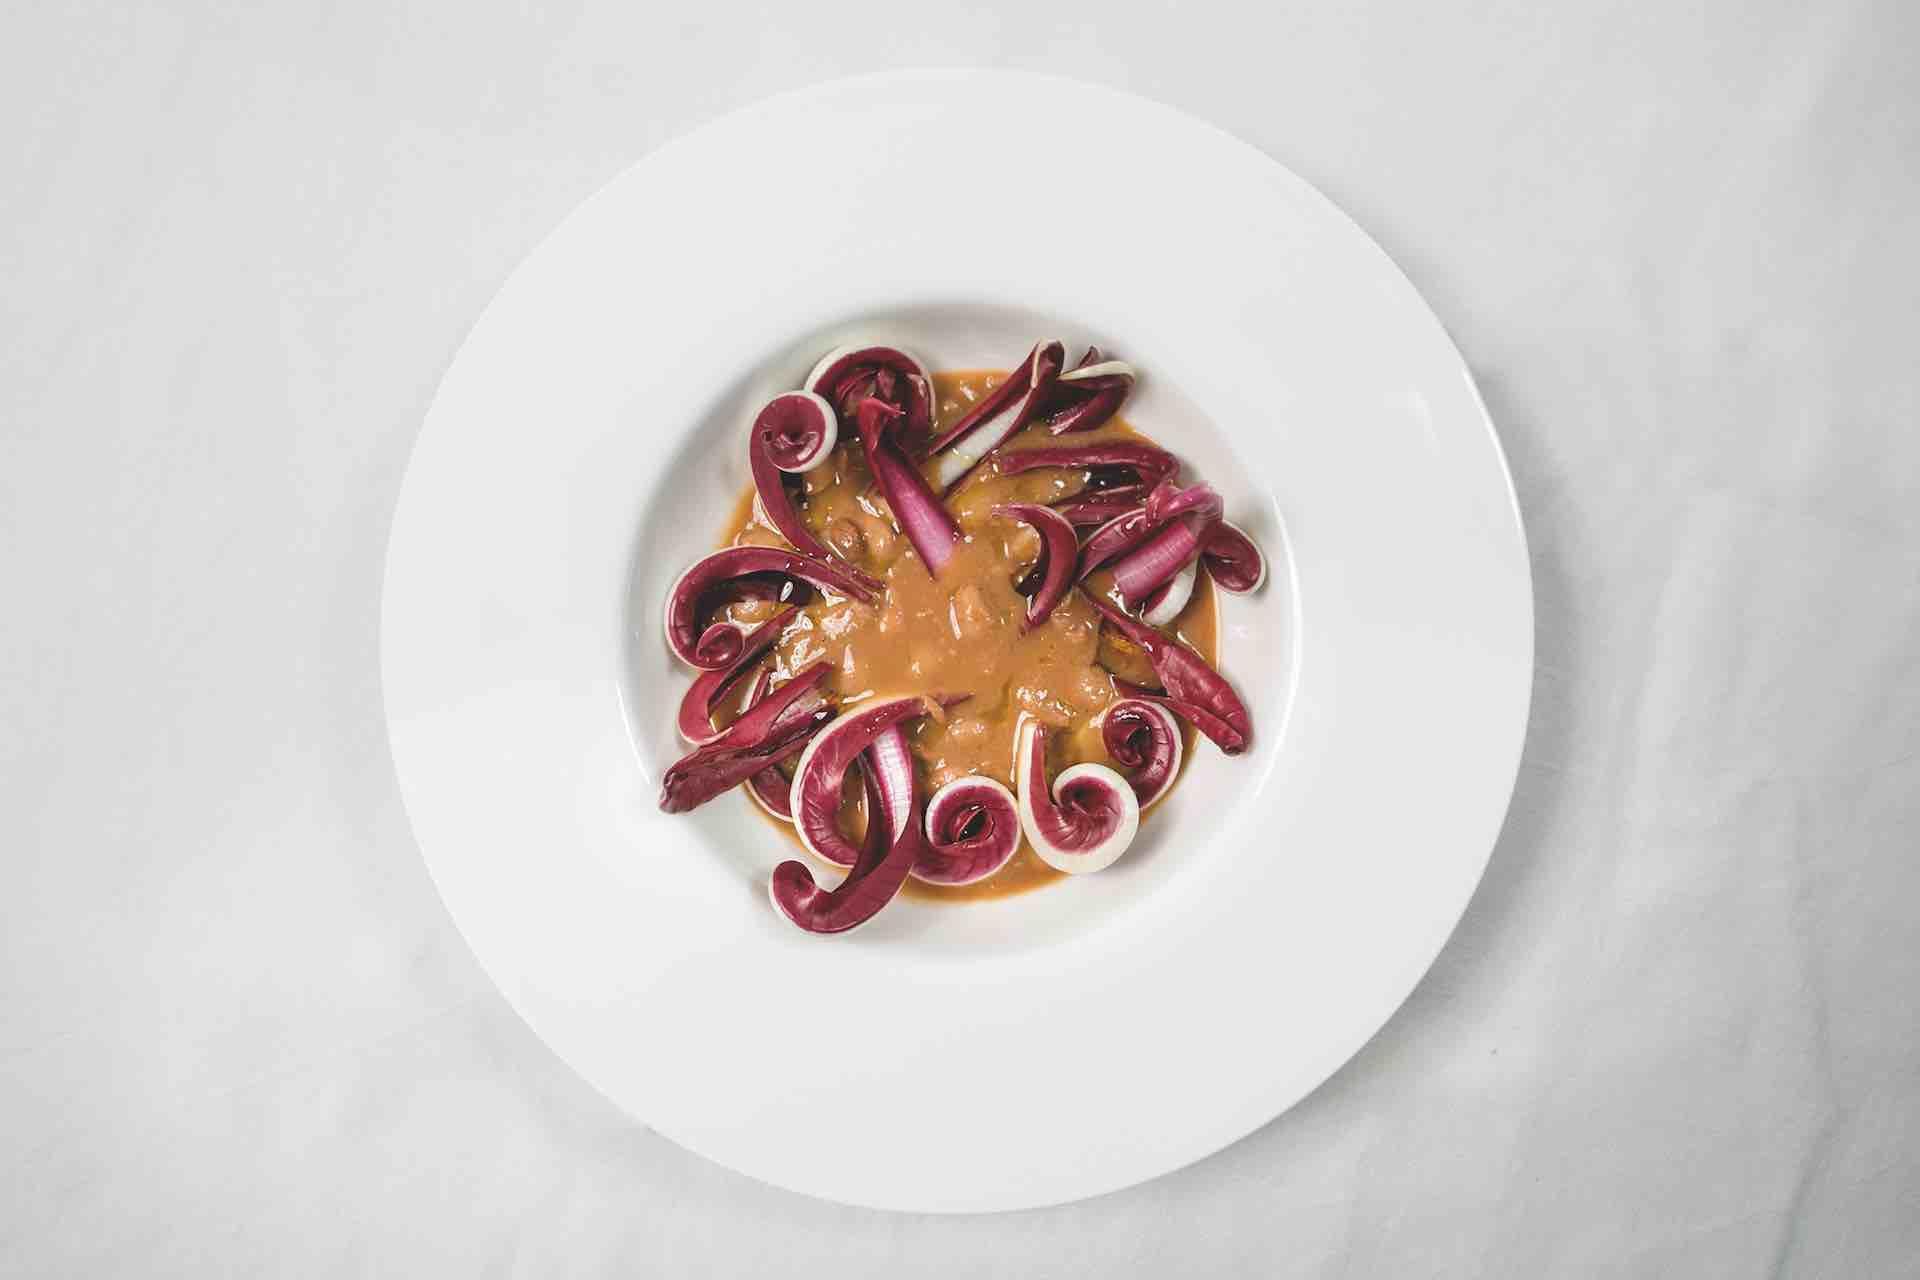 Raici e fasioi, piatti tipici veneti sulle Colline del Prosecco Valdobbiadene